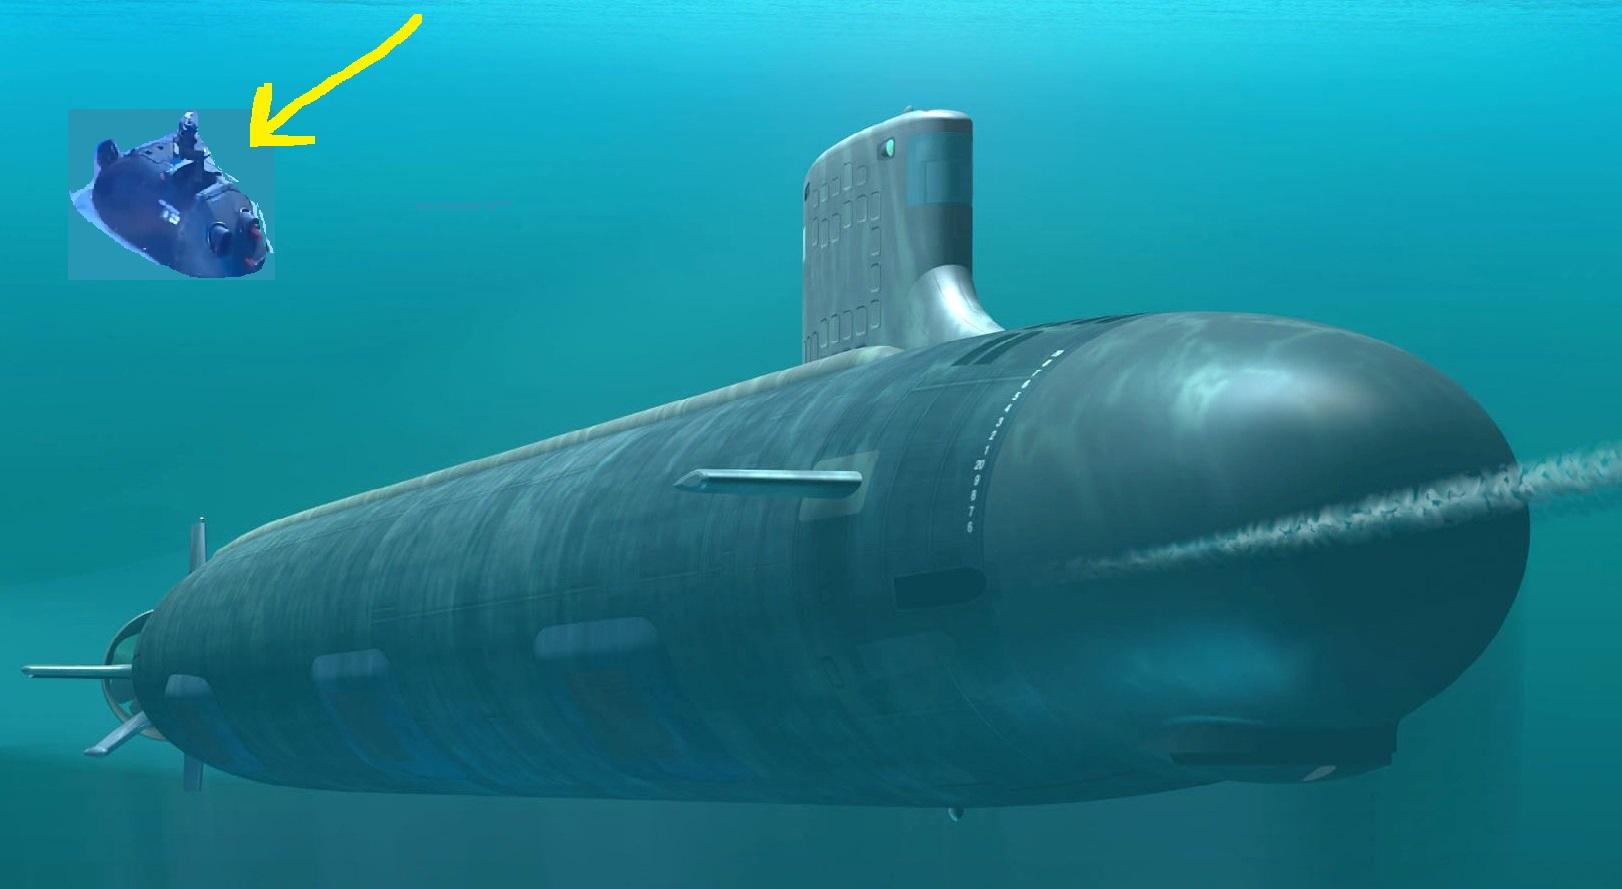 Les robots russes font perdre aux sous-marins américains leur avantage furtif